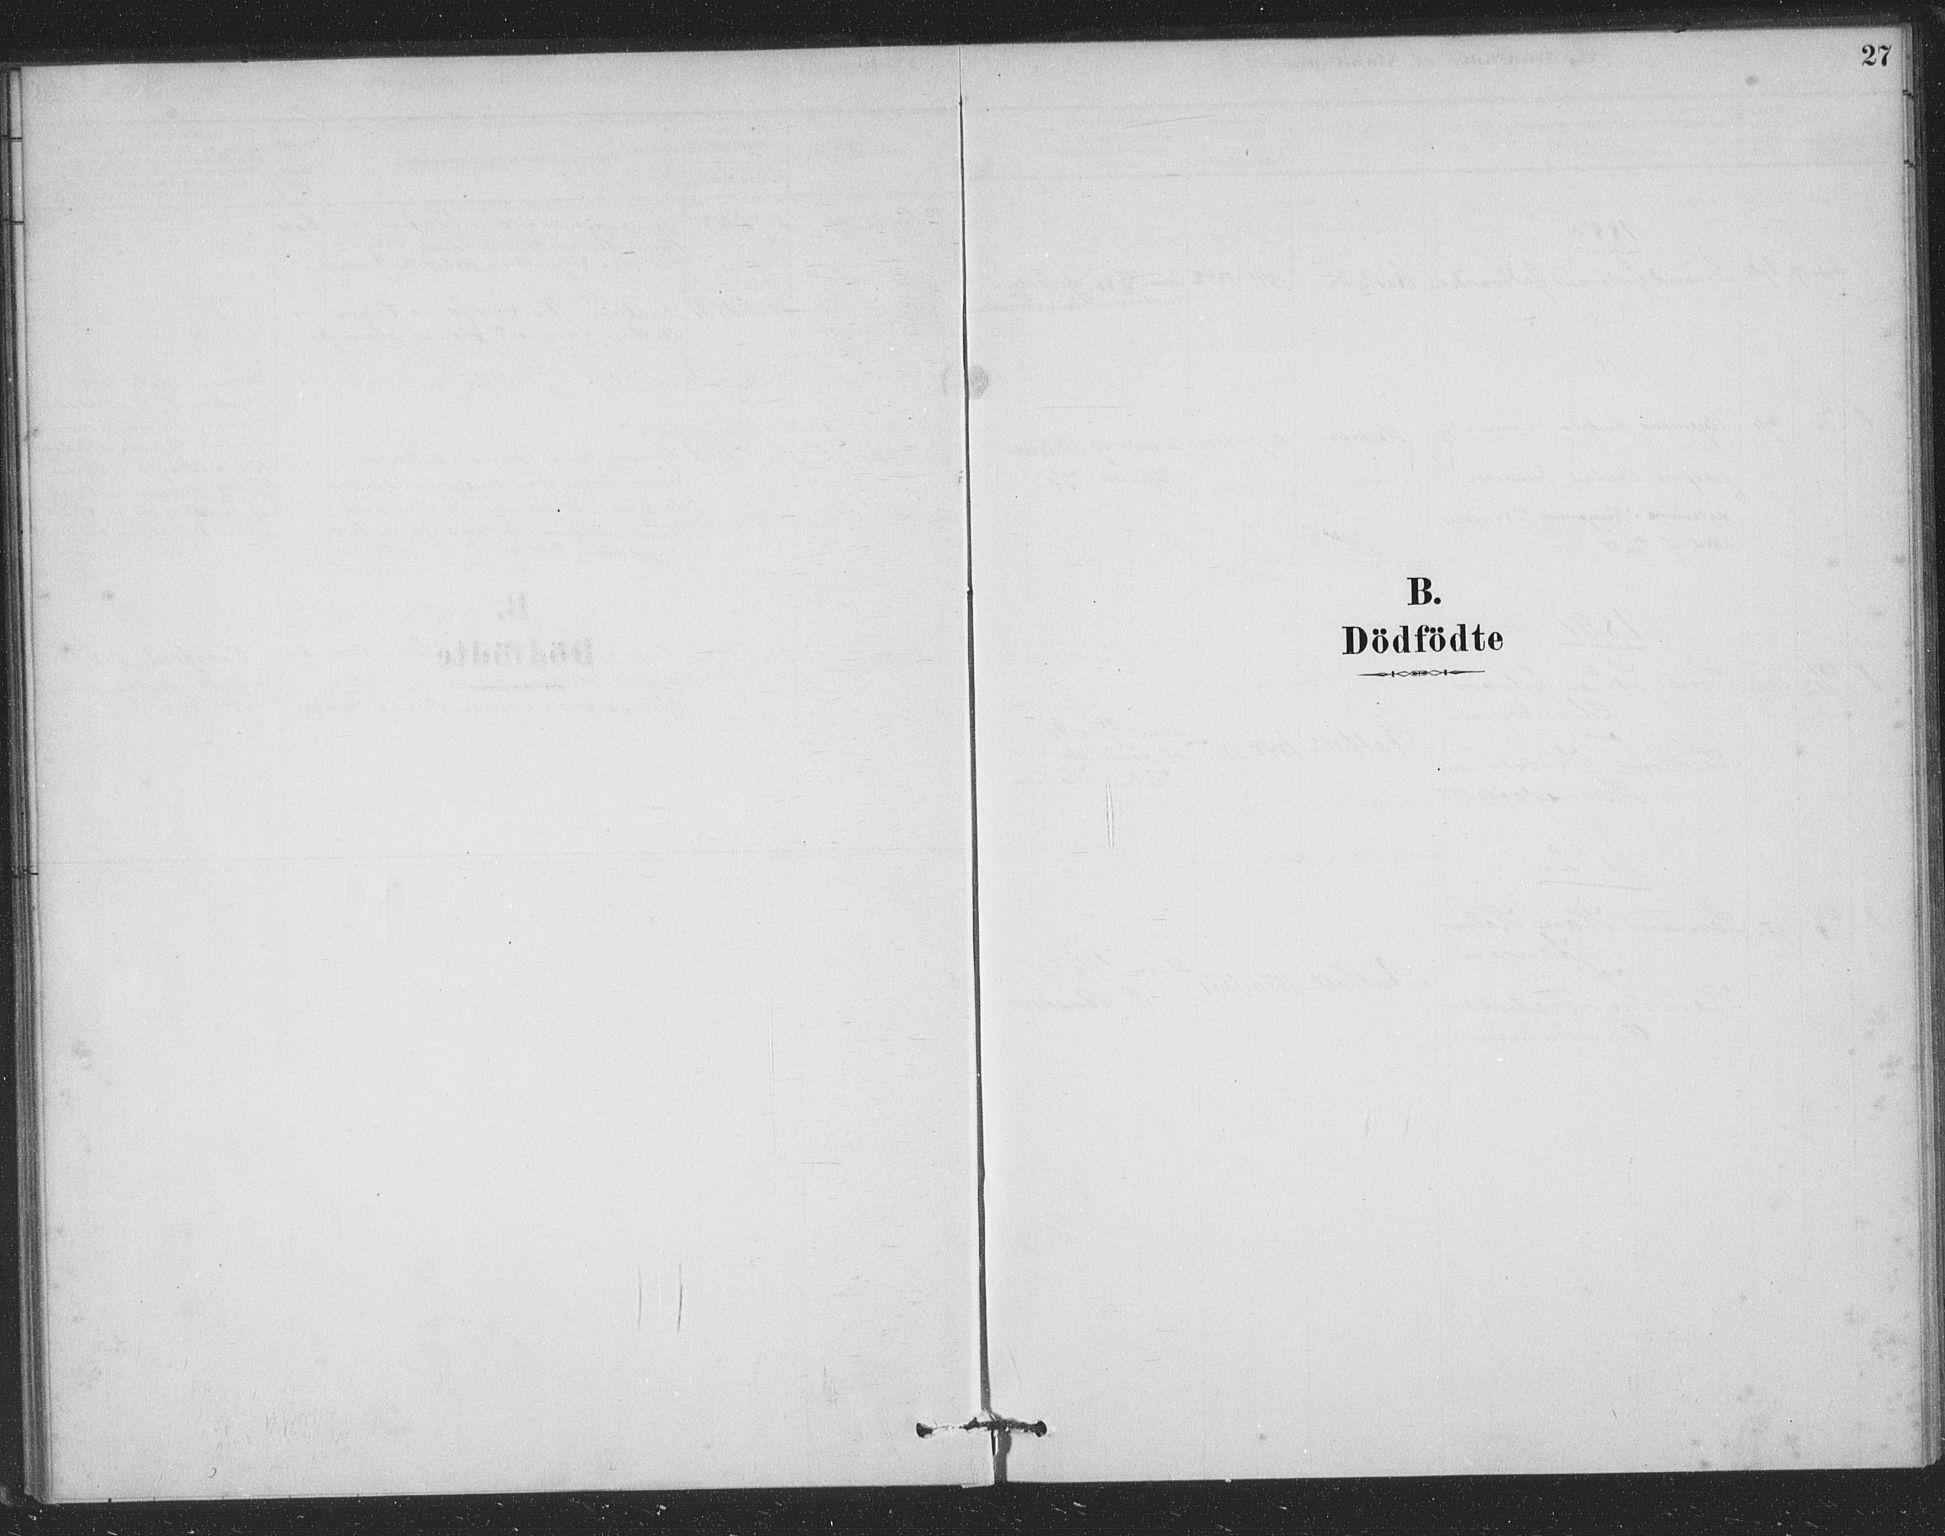 SAKO, Bamble kirkebøker, F/Fb/L0001: Ministerialbok nr. II 1, 1878-1899, s. 27